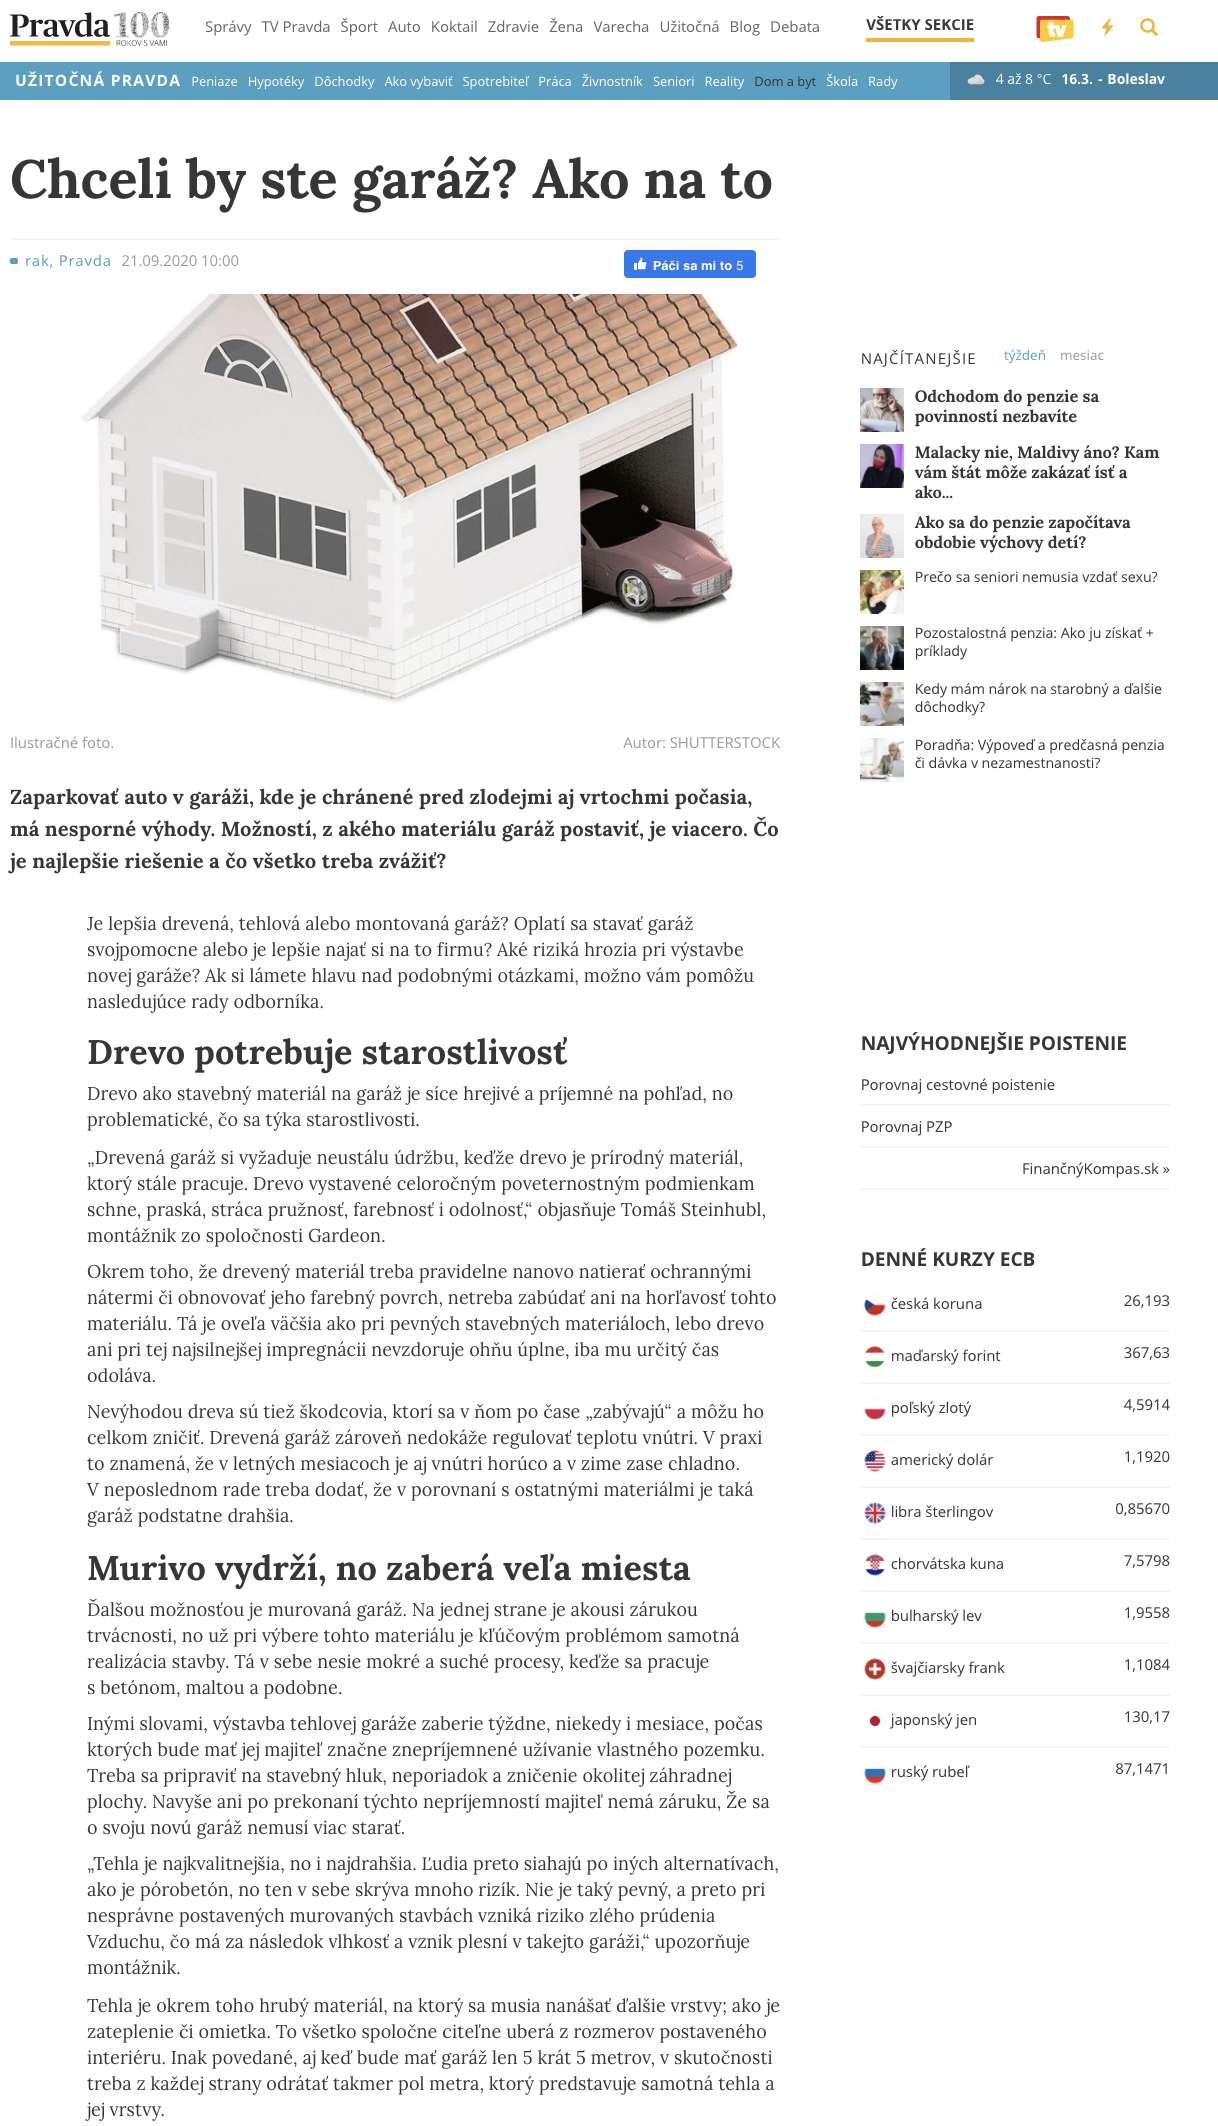 Článok na pravda.sk